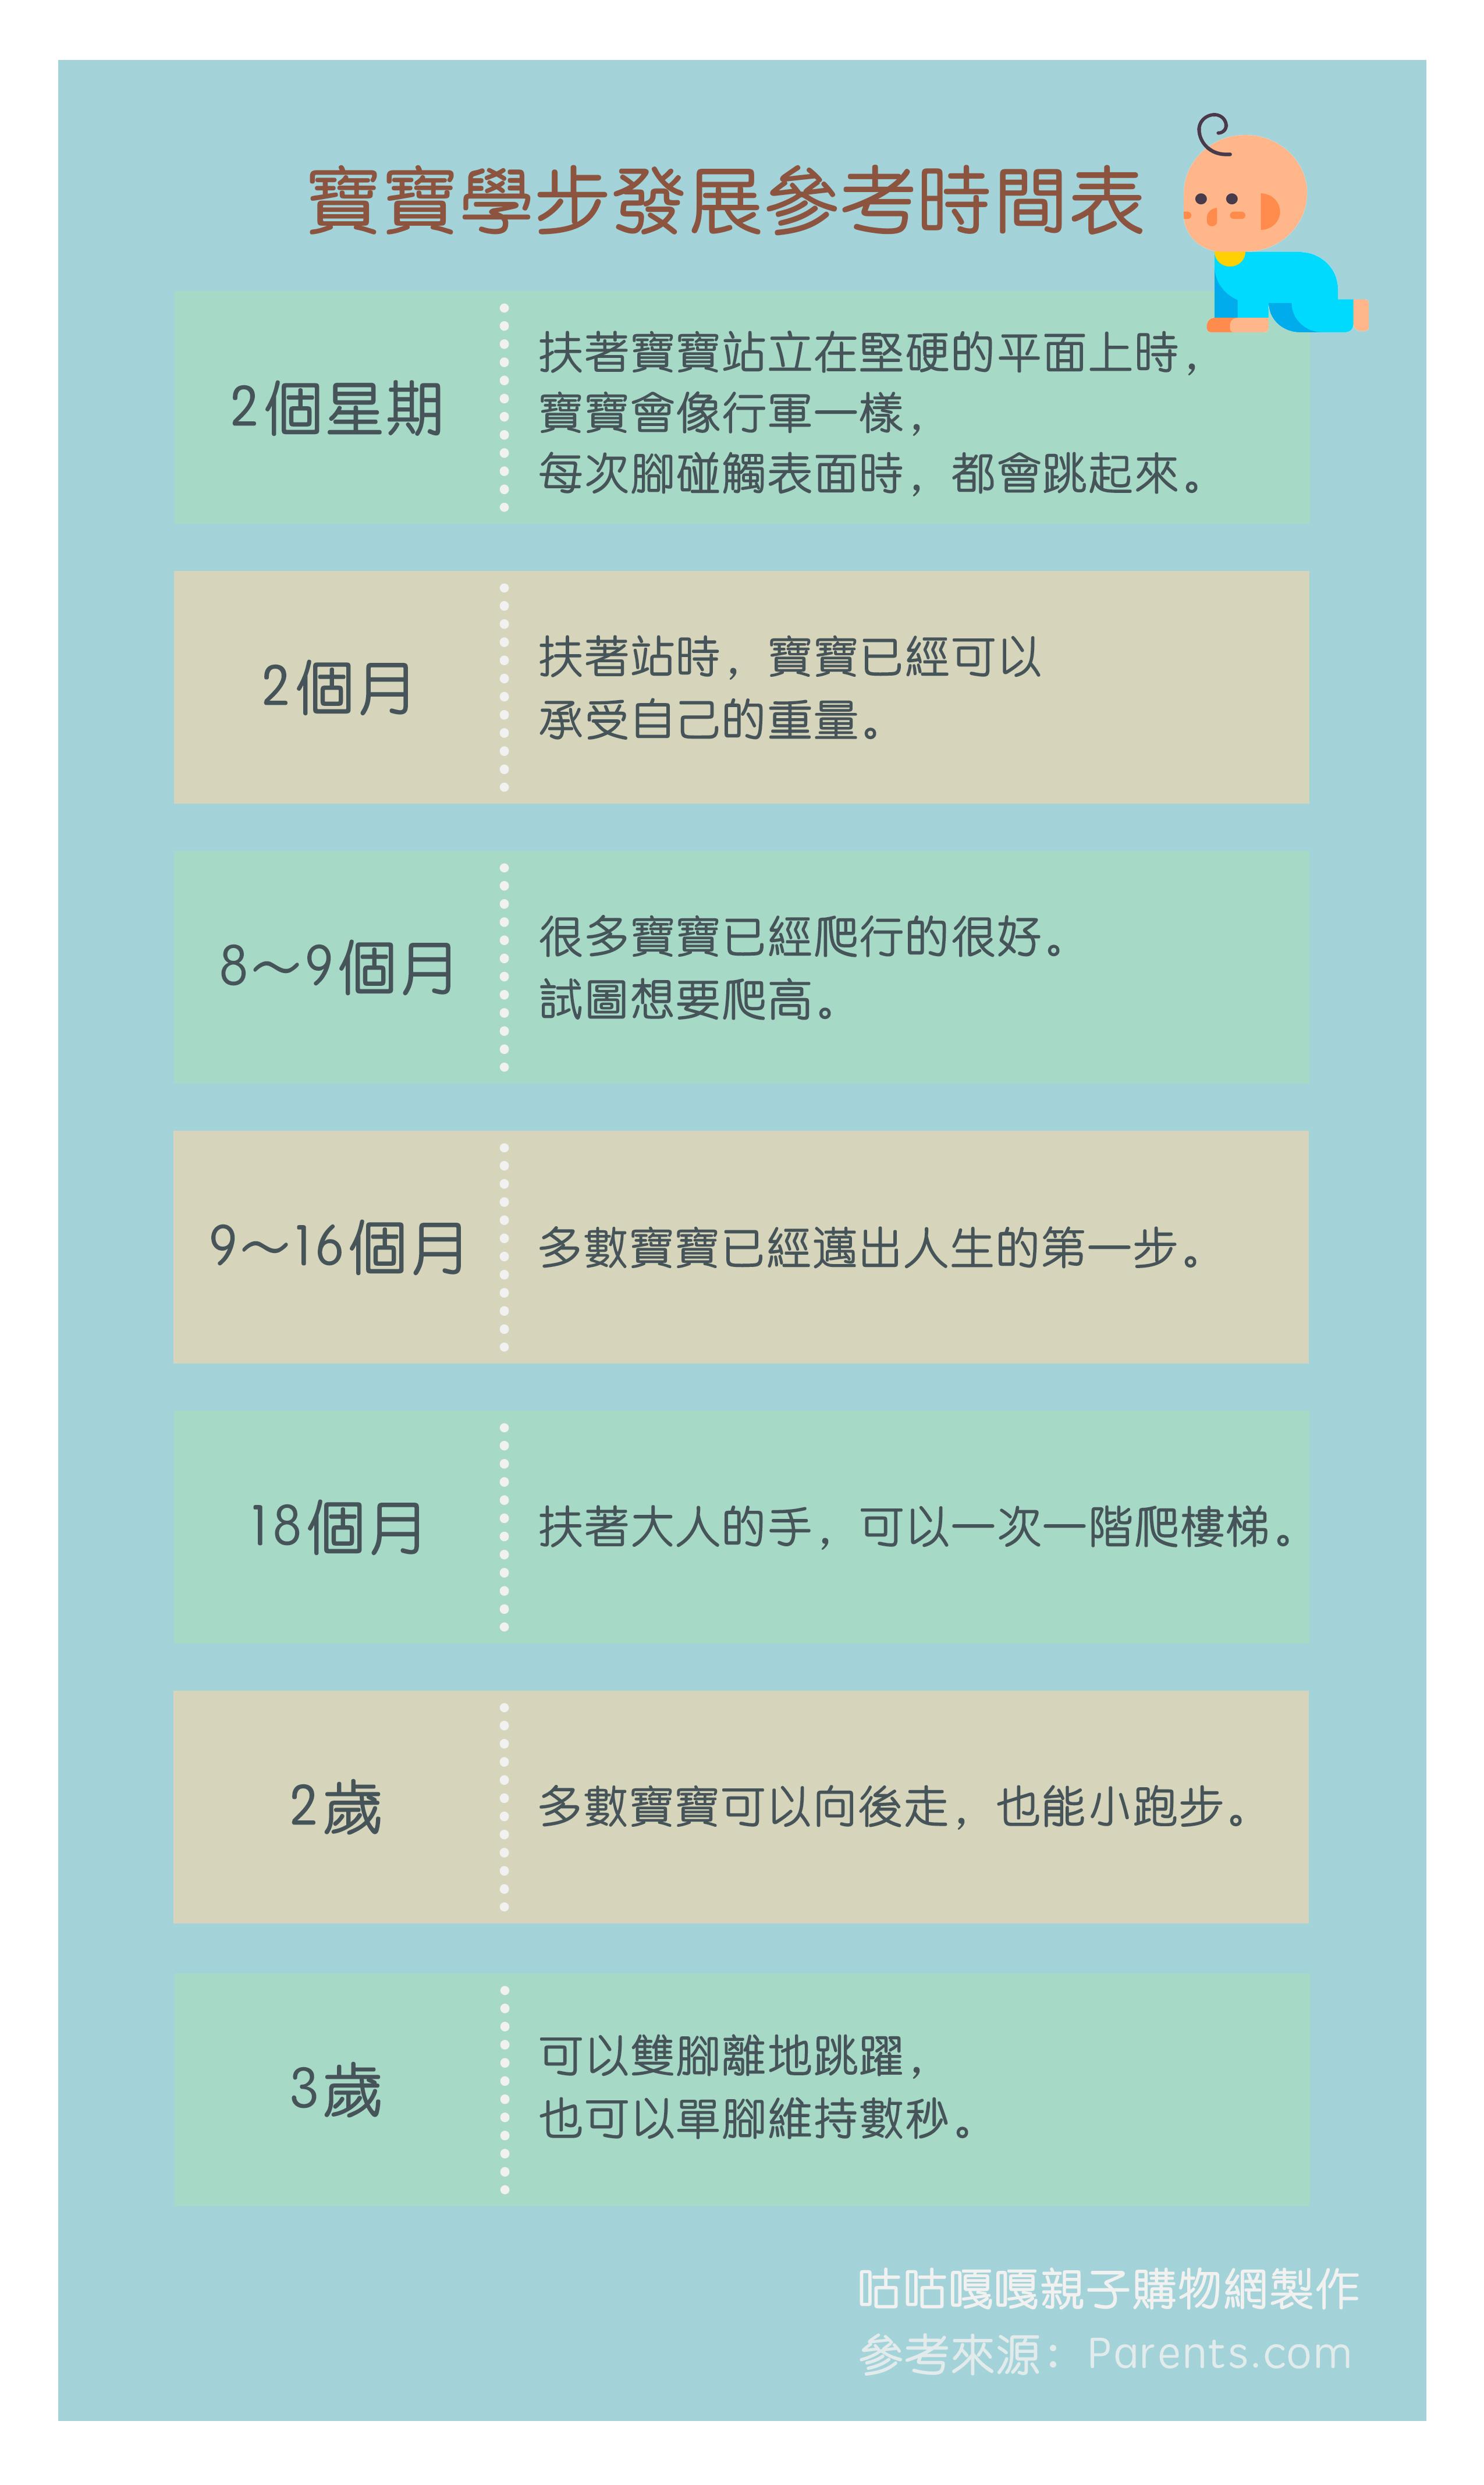 寶寶學部發展參考時間表